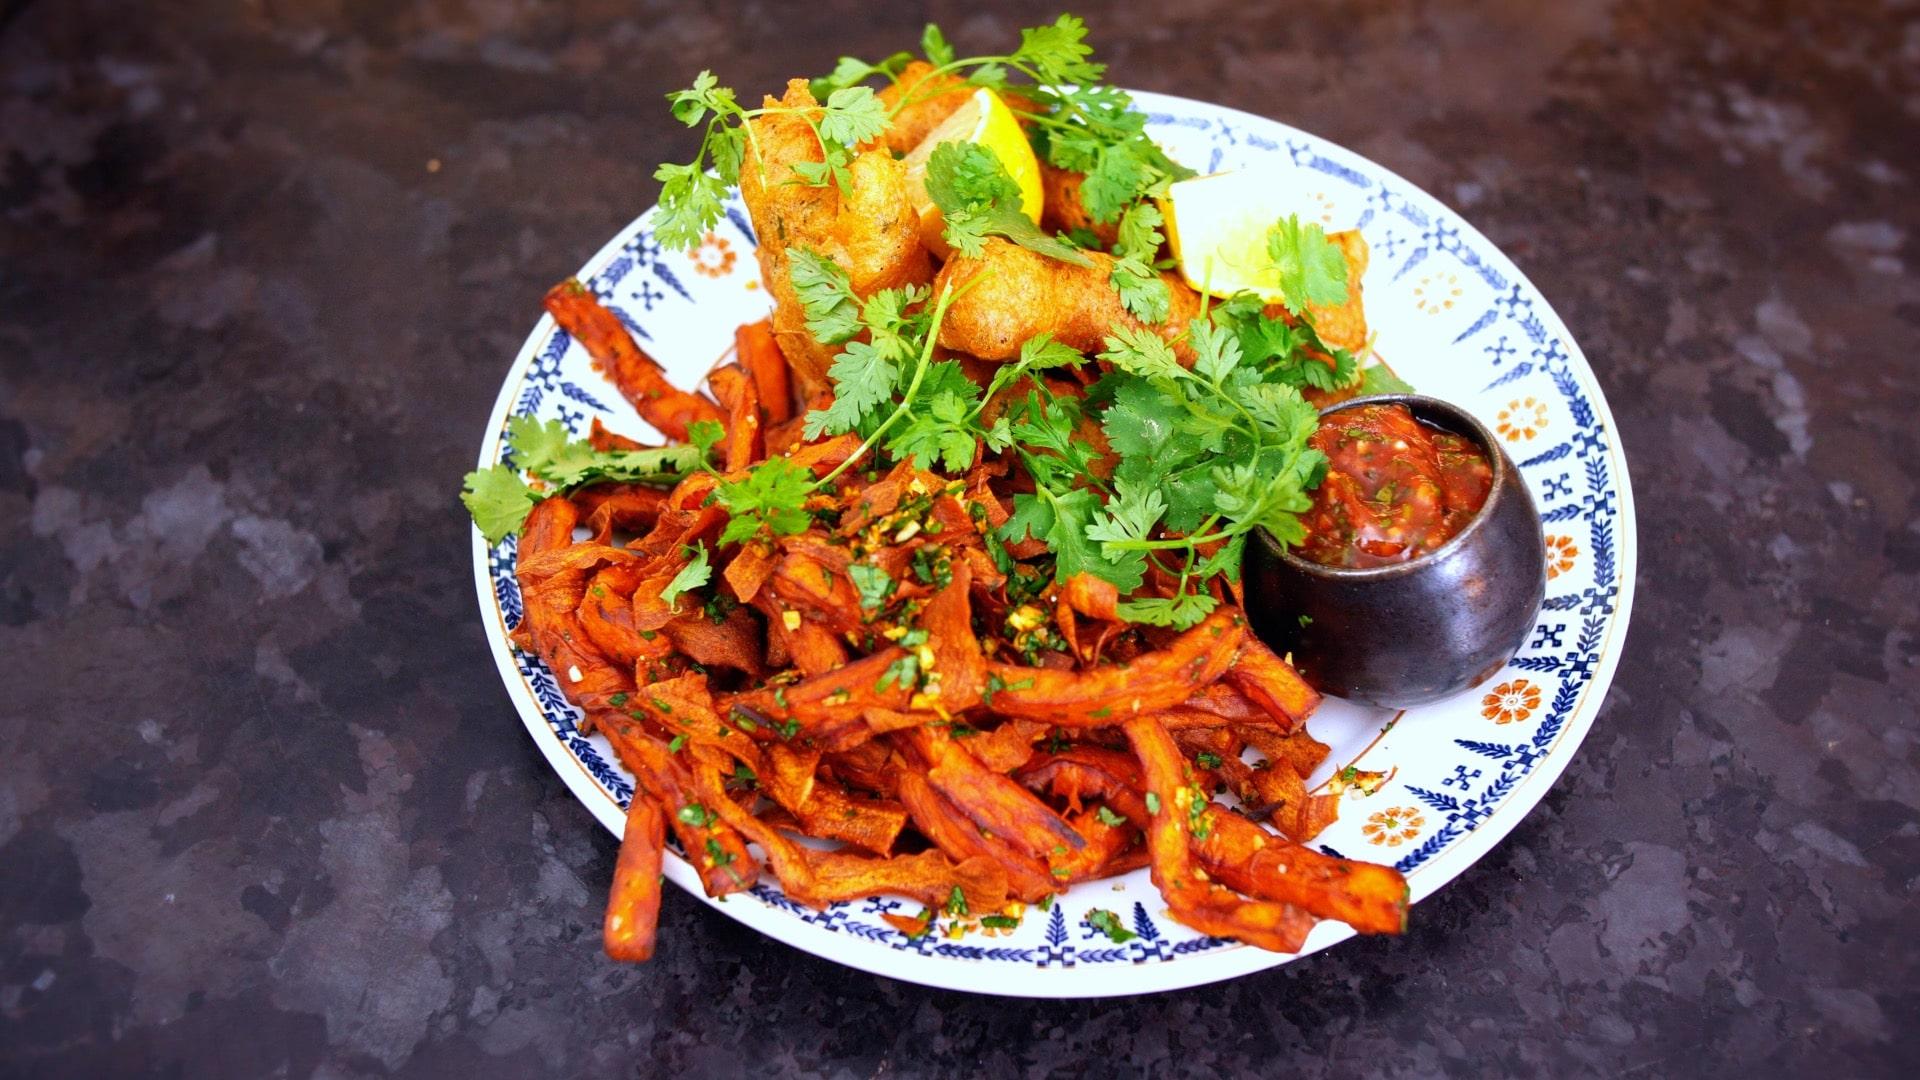 Fraise de veau en tempura sauce épicée et frites de patate douce by Scotchman